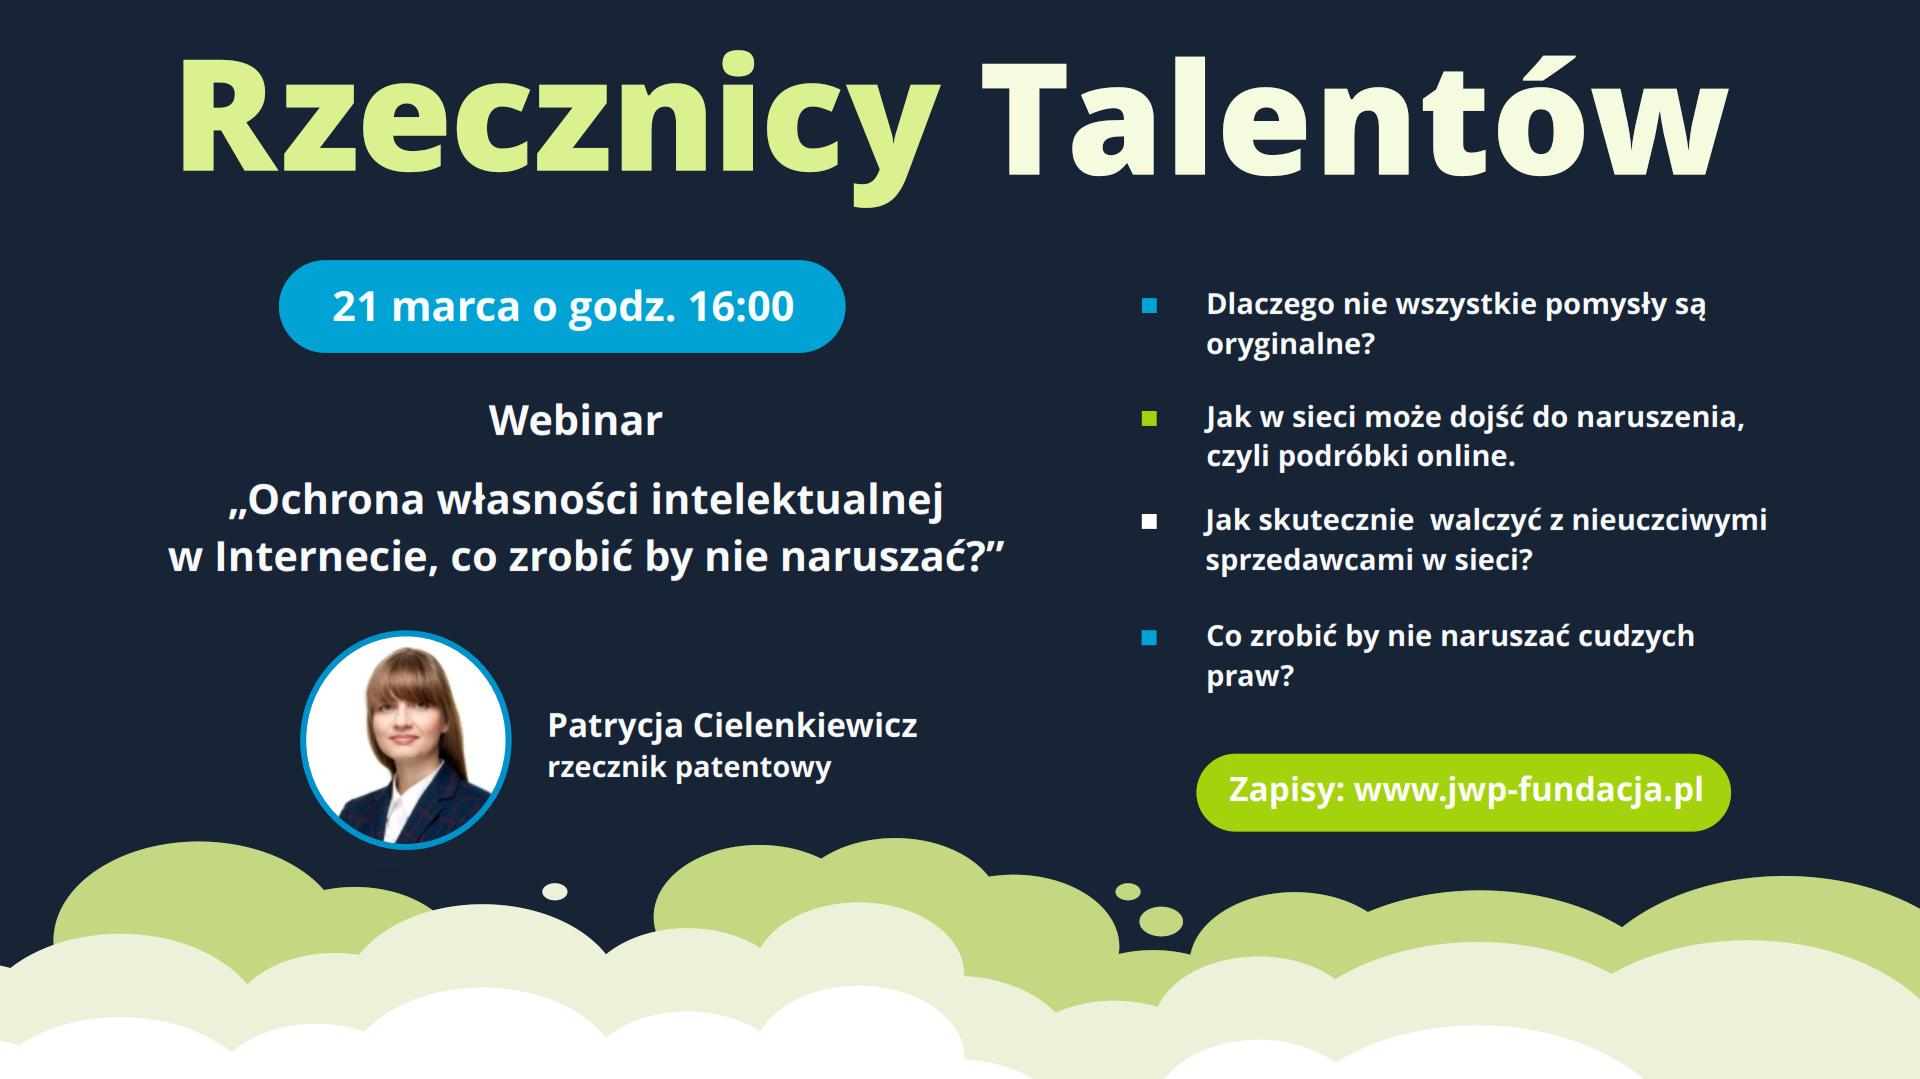 rzecznicy_talentow